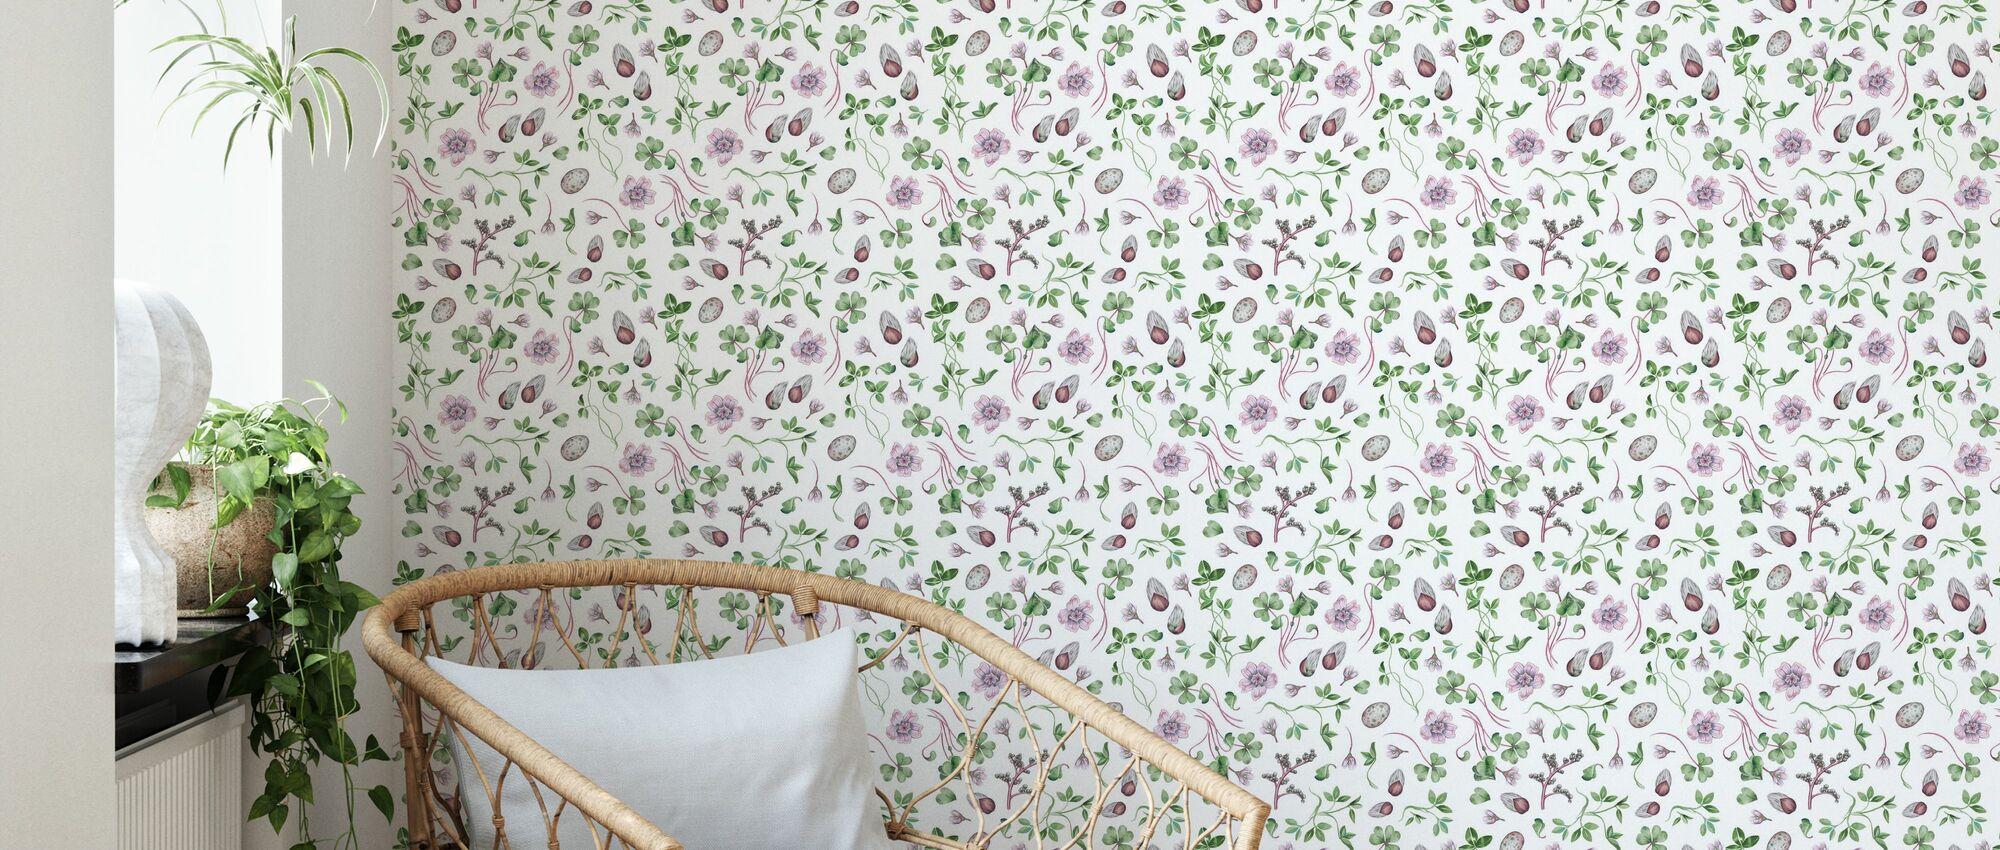 Vidsala Mist - Wallpaper - Living Room